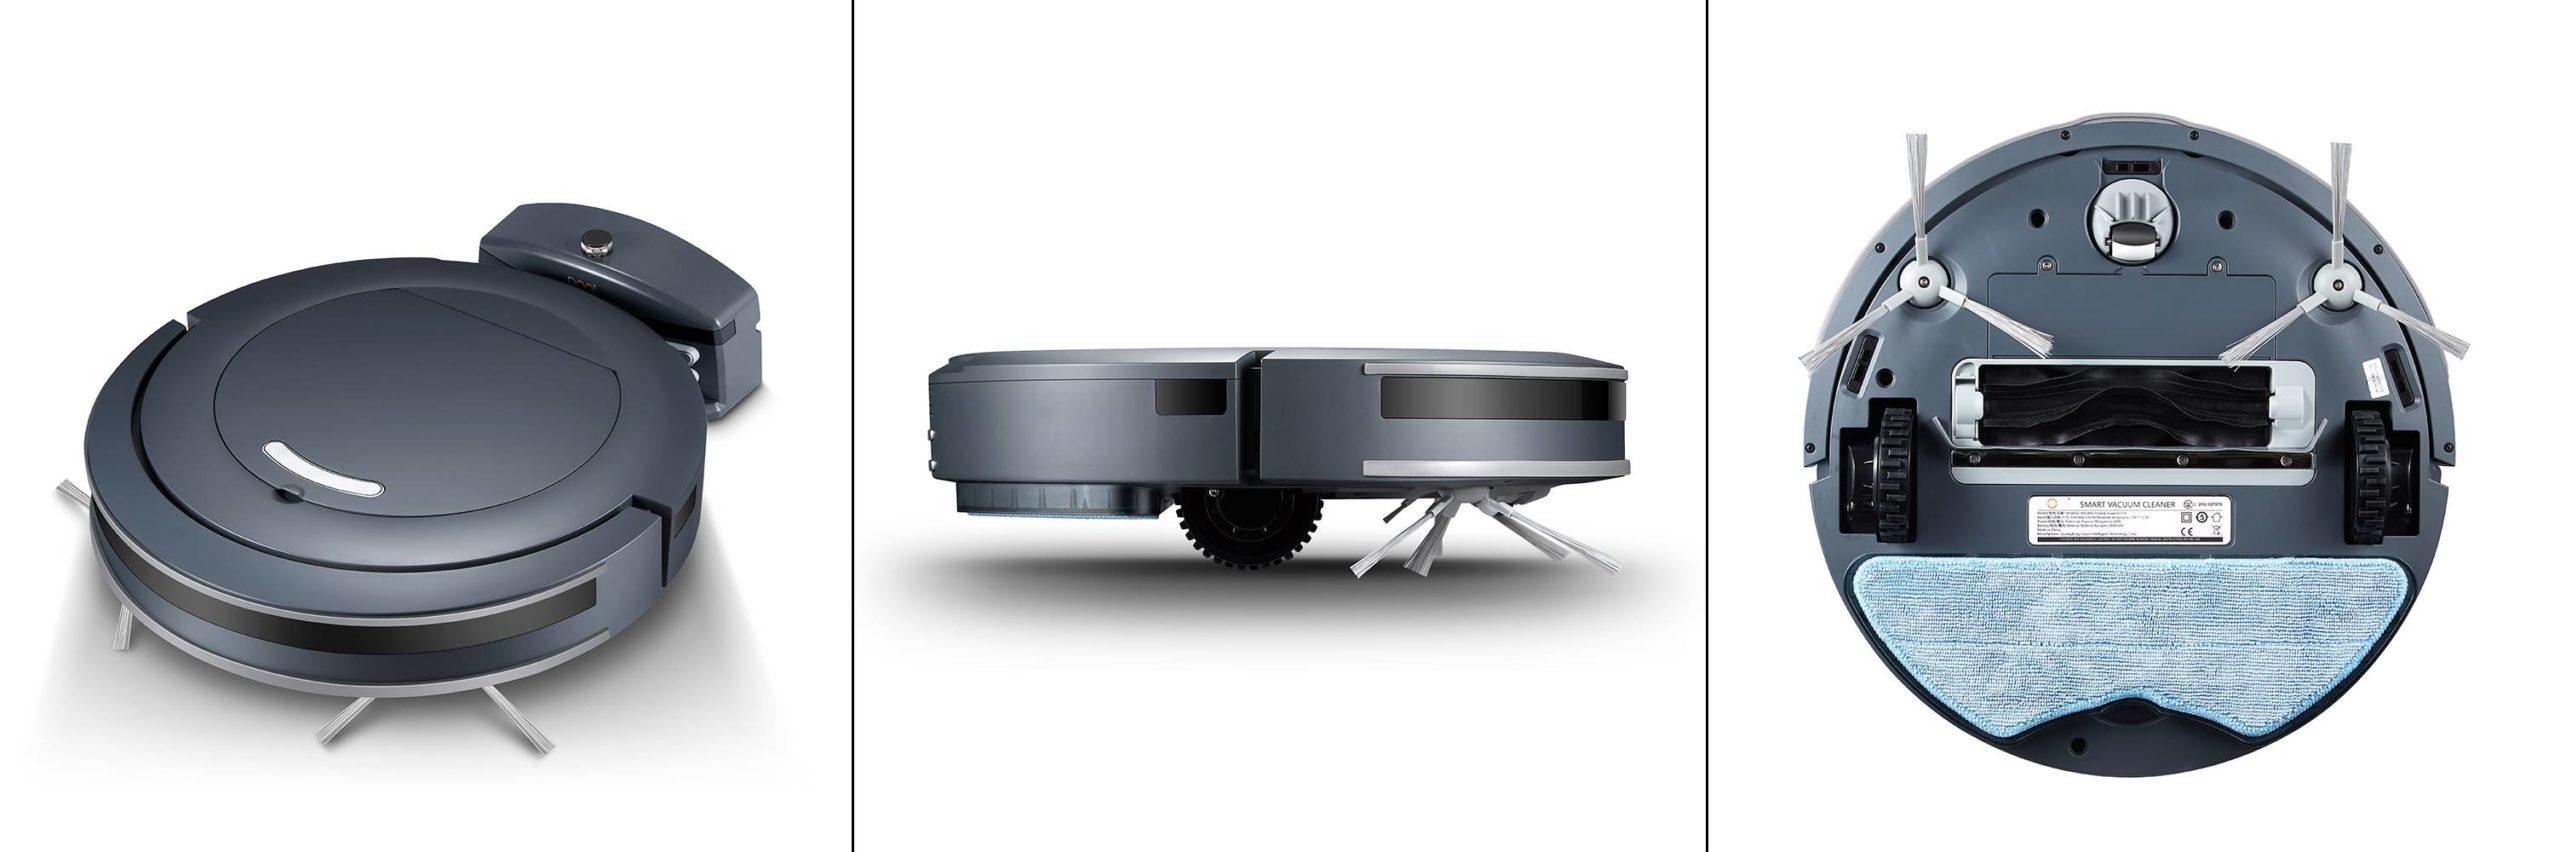 робот пылесос doni v16